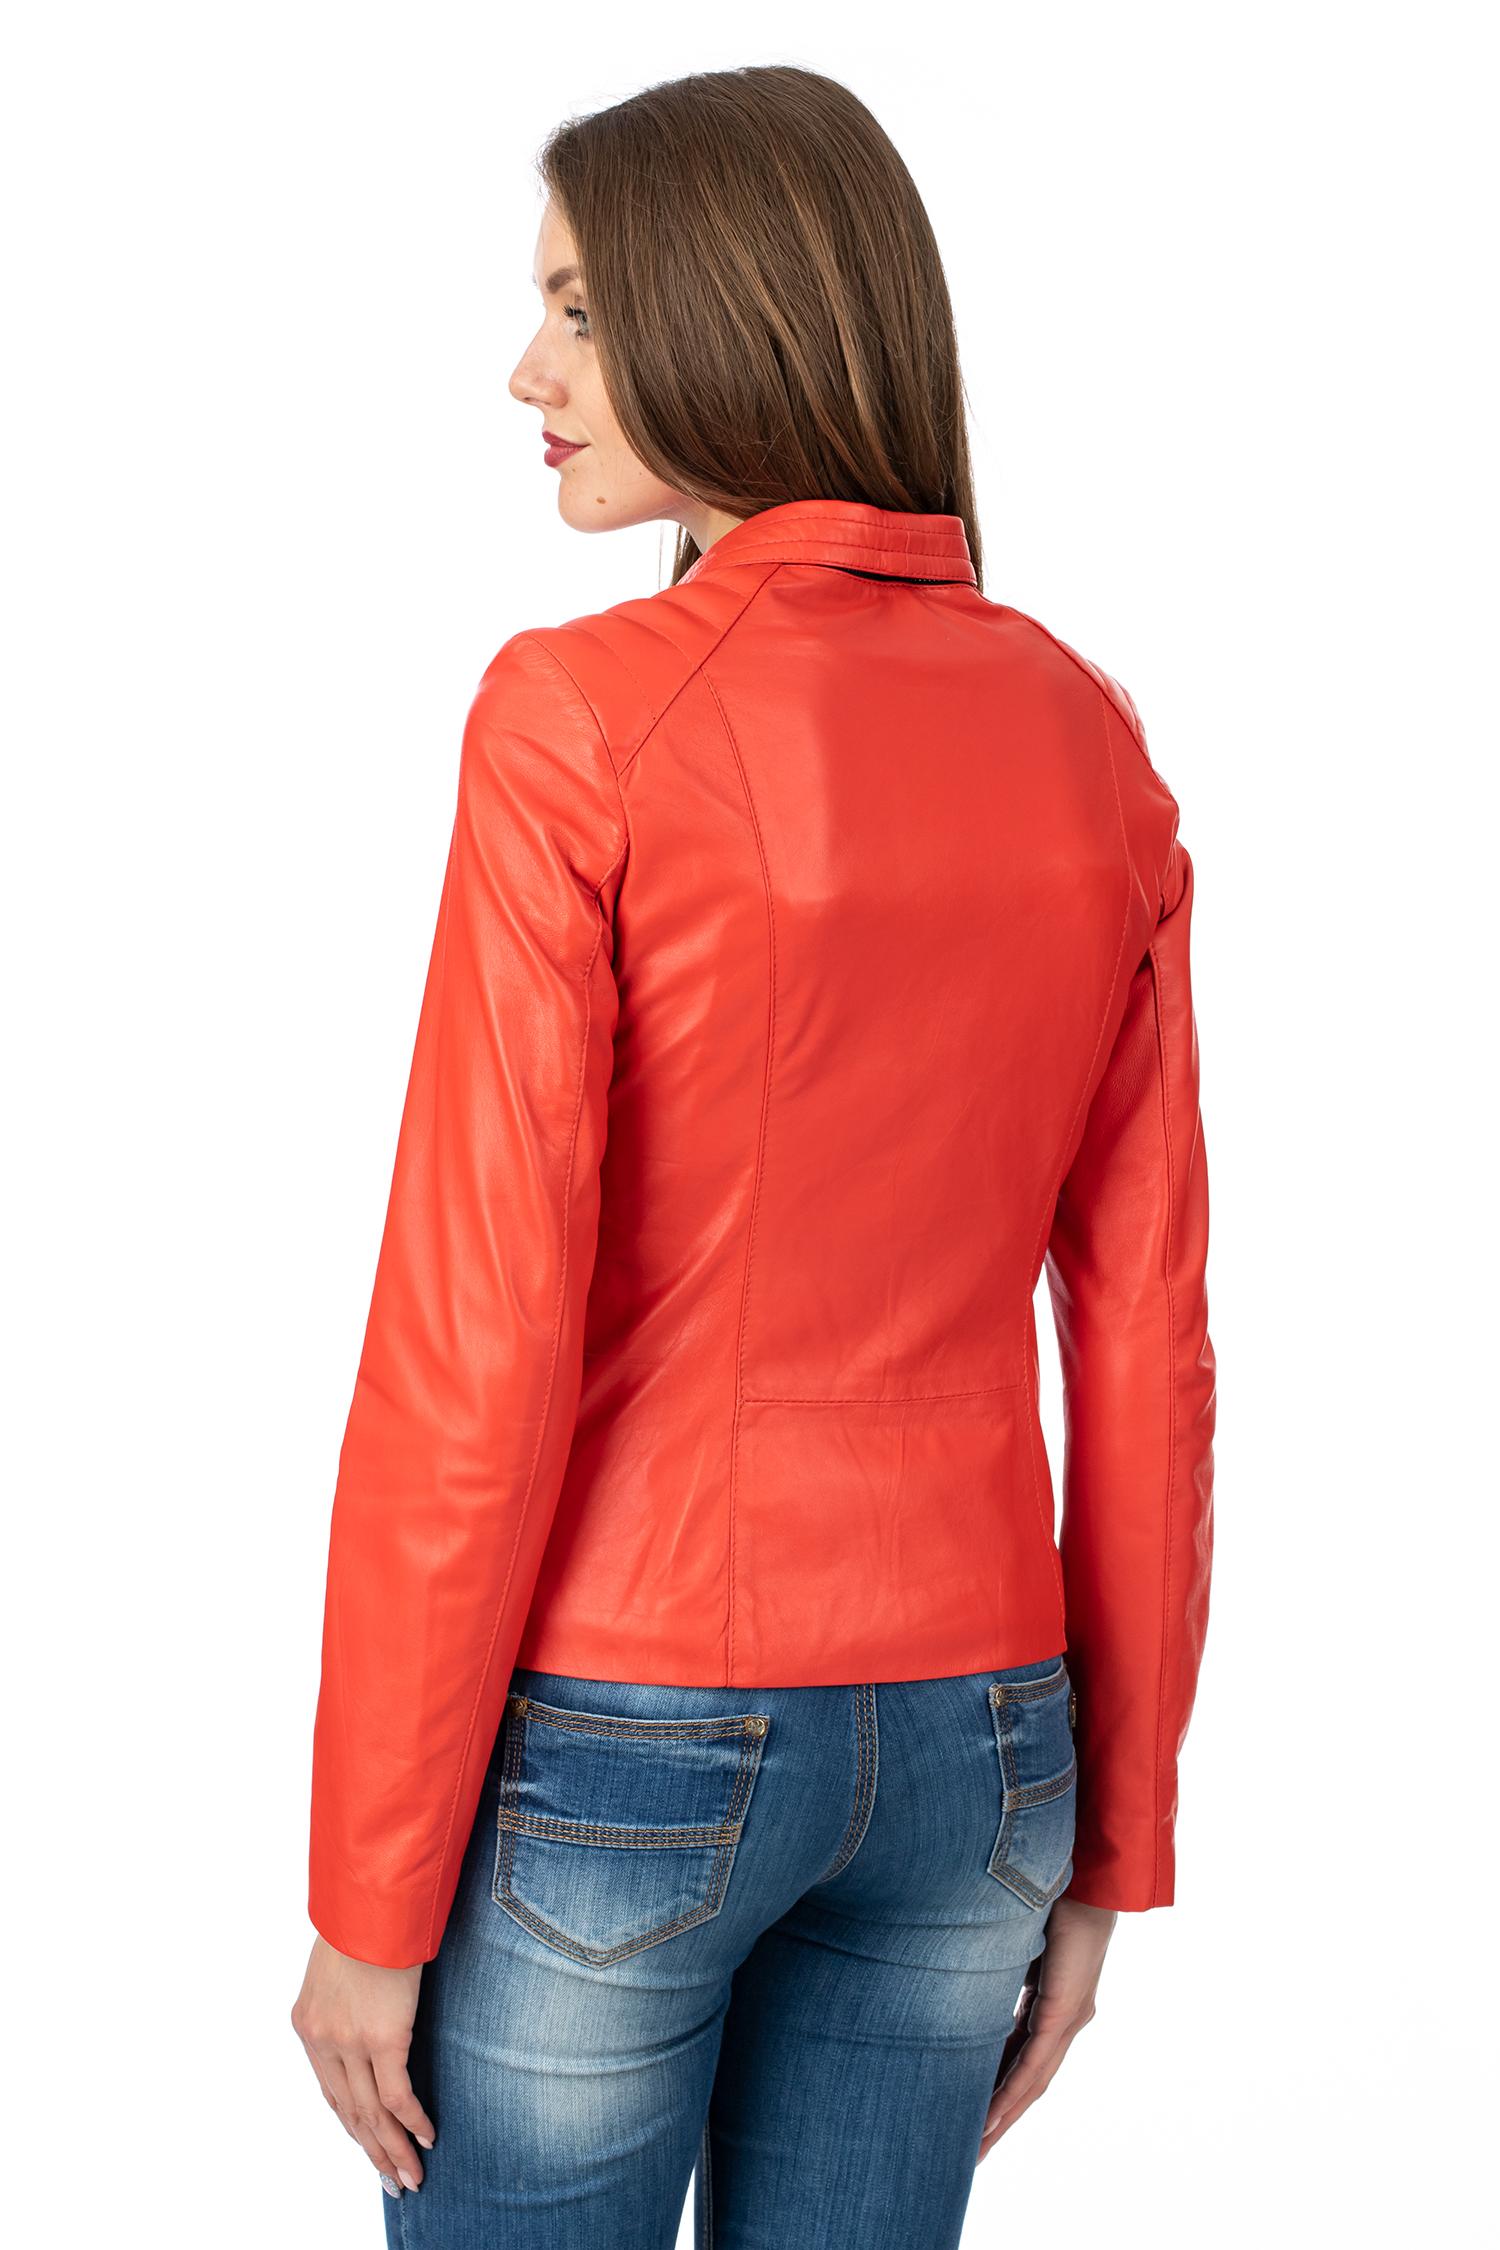 Фото 3 - Женская кожаная куртка из натуральной кожи с капюшоном от МОСМЕХА красного цвета